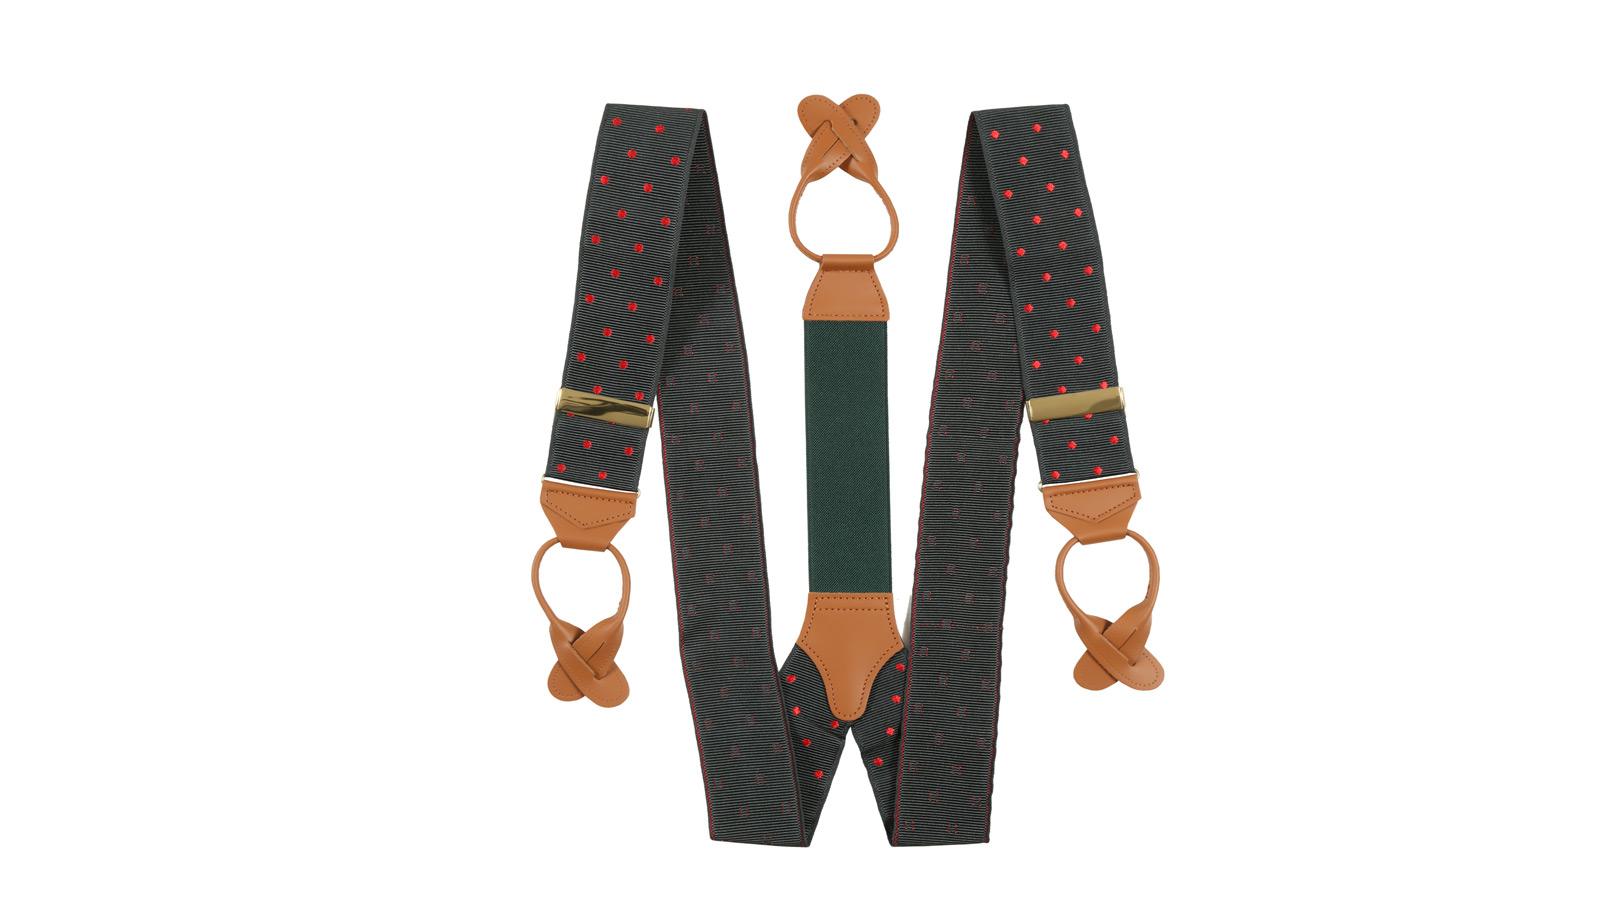 Olive Green & Red Polka Dot Suspenders - slider image